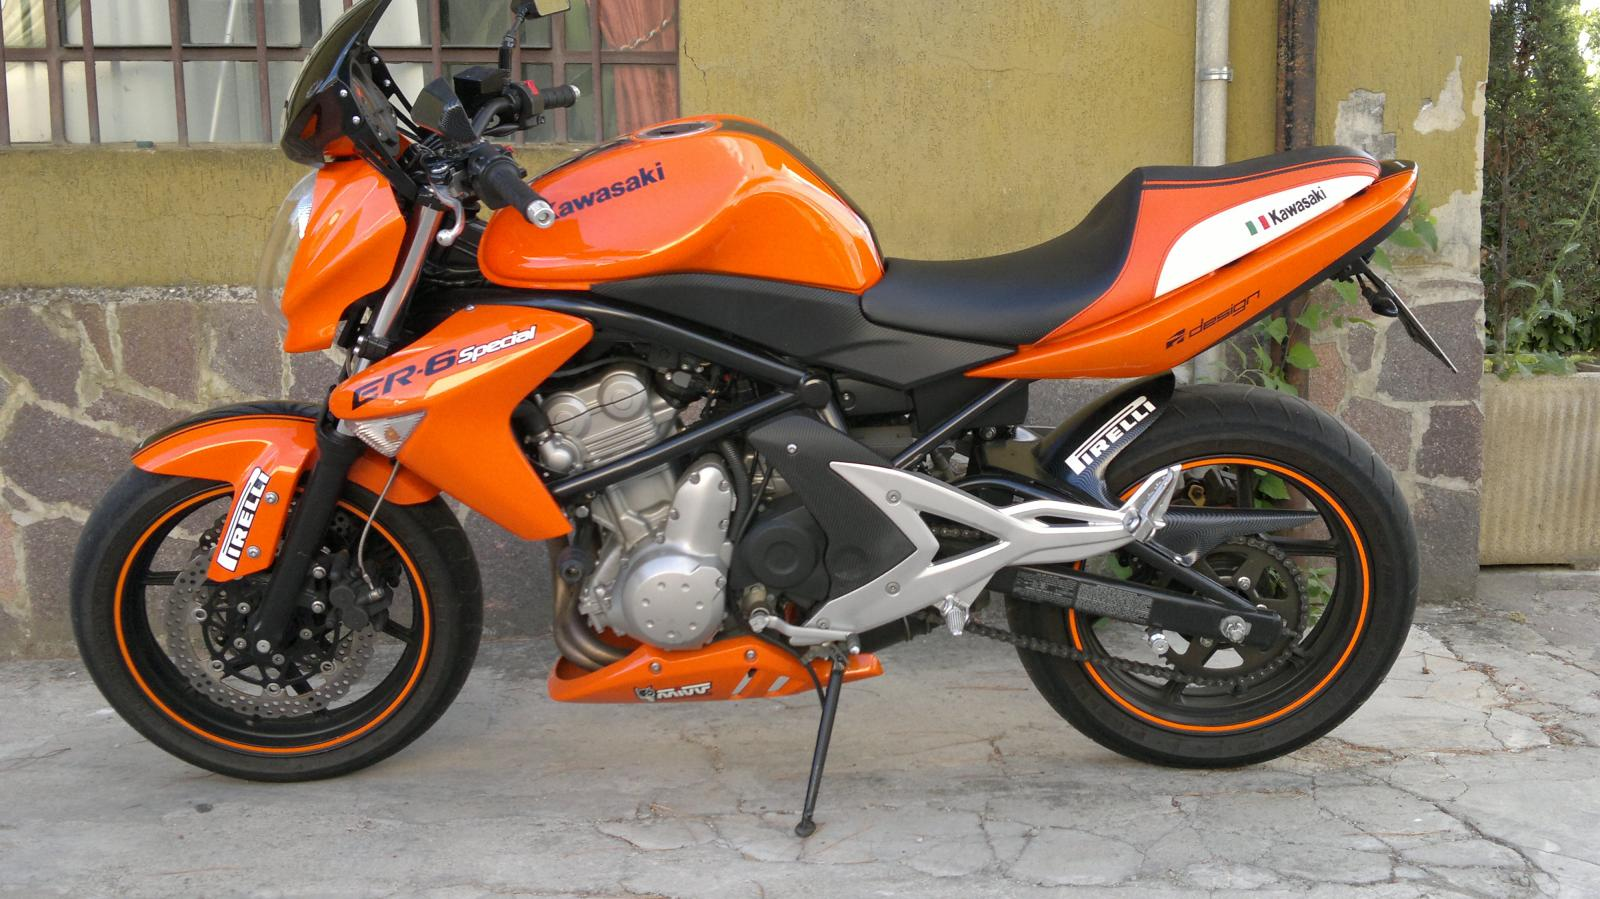 2008 Kawasaki ER-6n - Moto.ZombDrive.COM